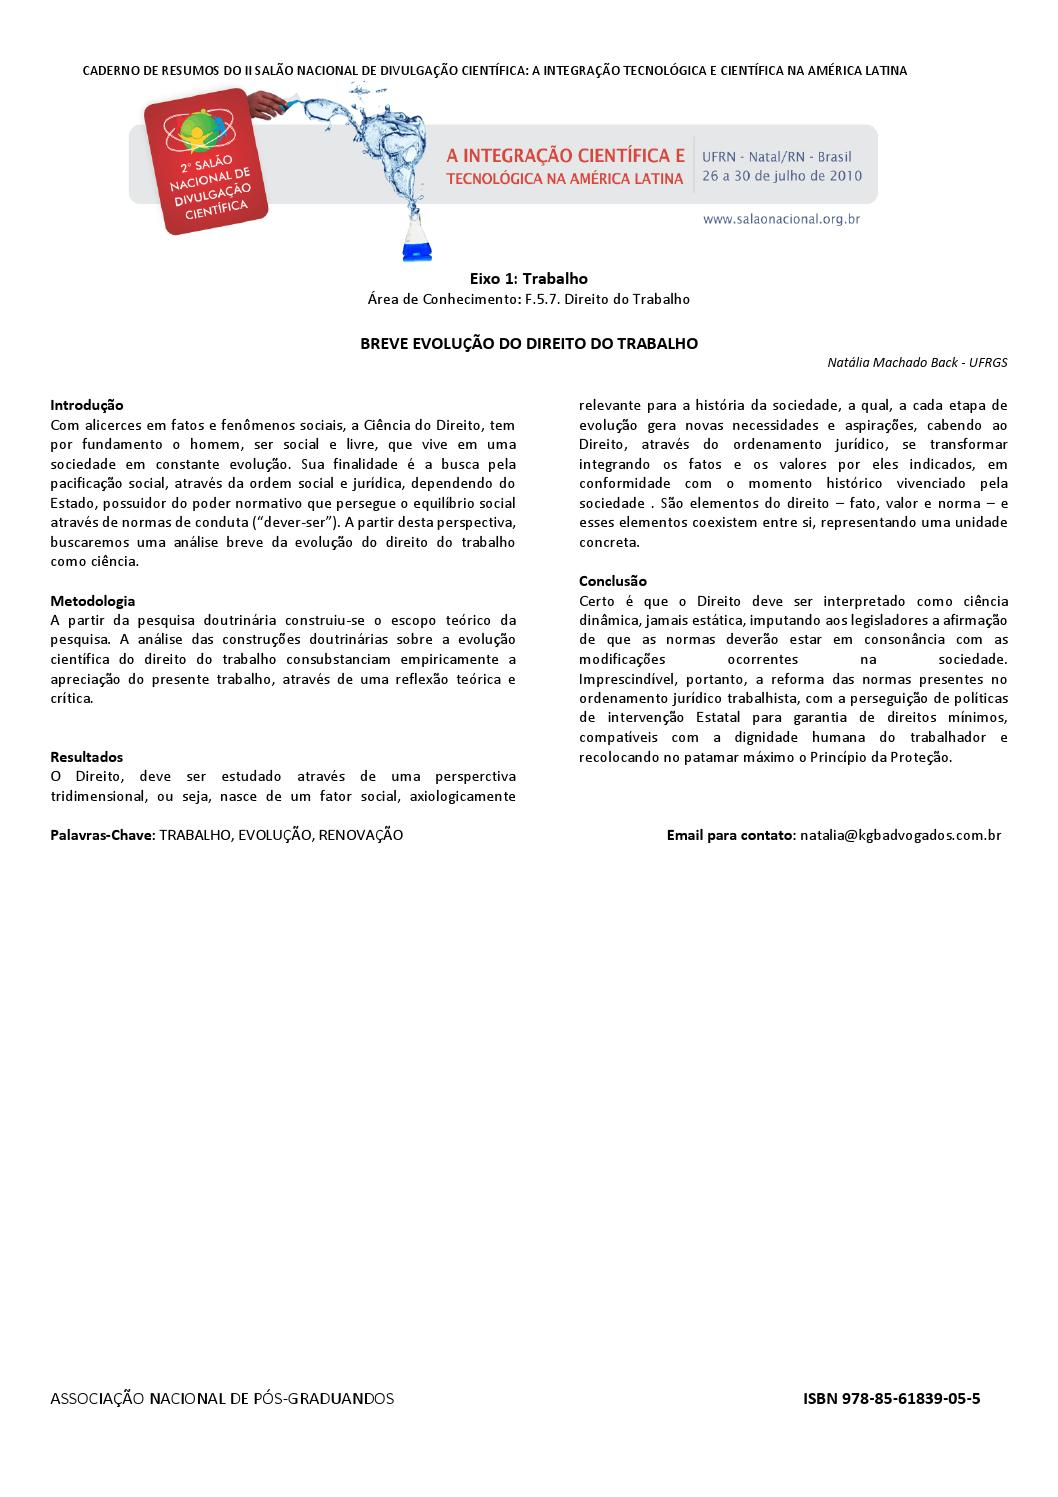 343037ba83c Anais 2ª Mostra Científica da ANPG by Associação Nacional de Pós-Graduandos  - issuu